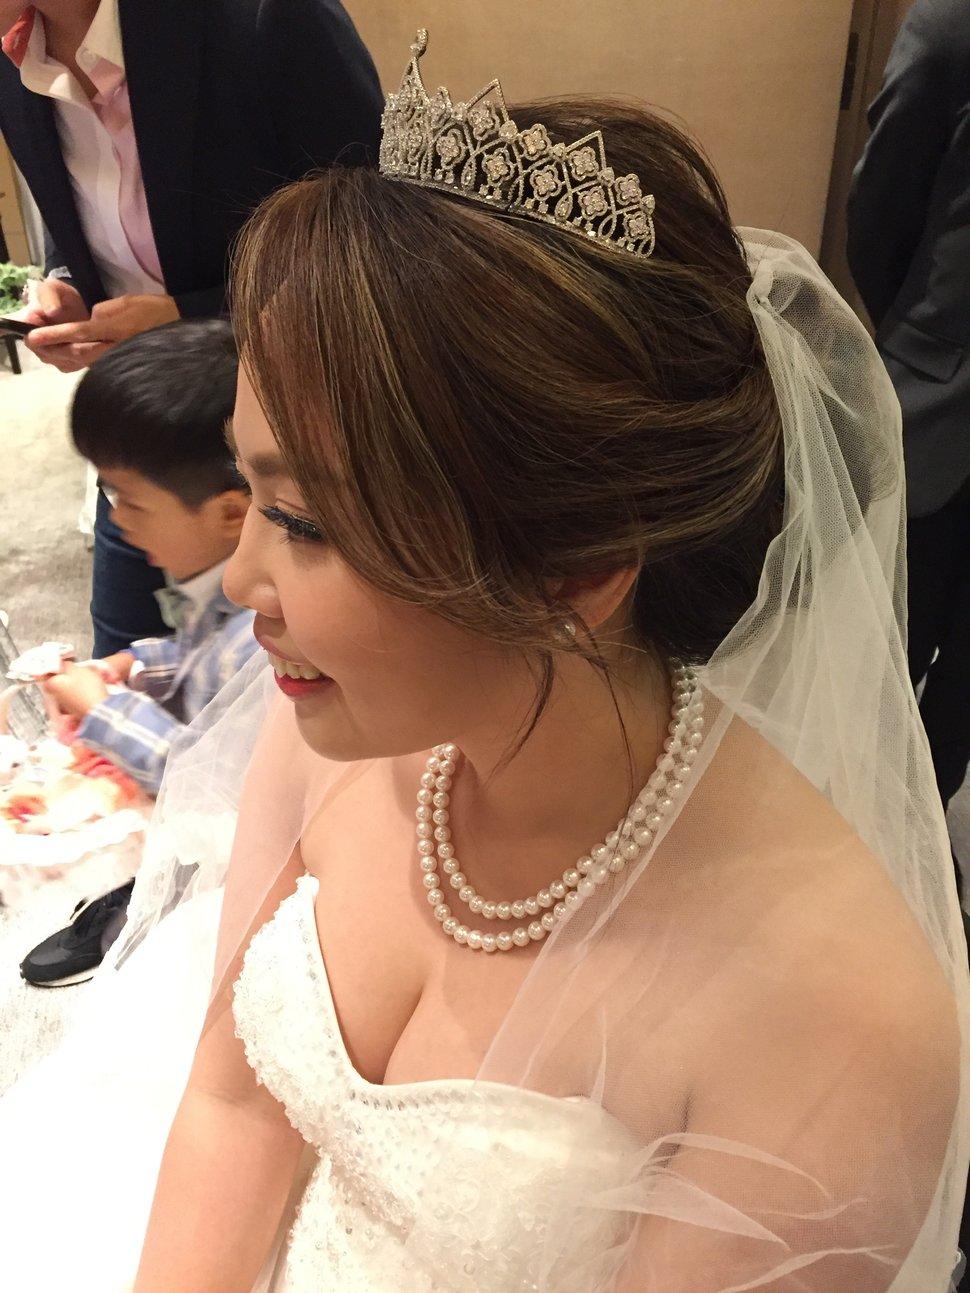 BCAC0C01-DA1D-4D39-9567-3A69BF9B48E4 - Jojo chen Makeup新娘秘書《結婚吧》